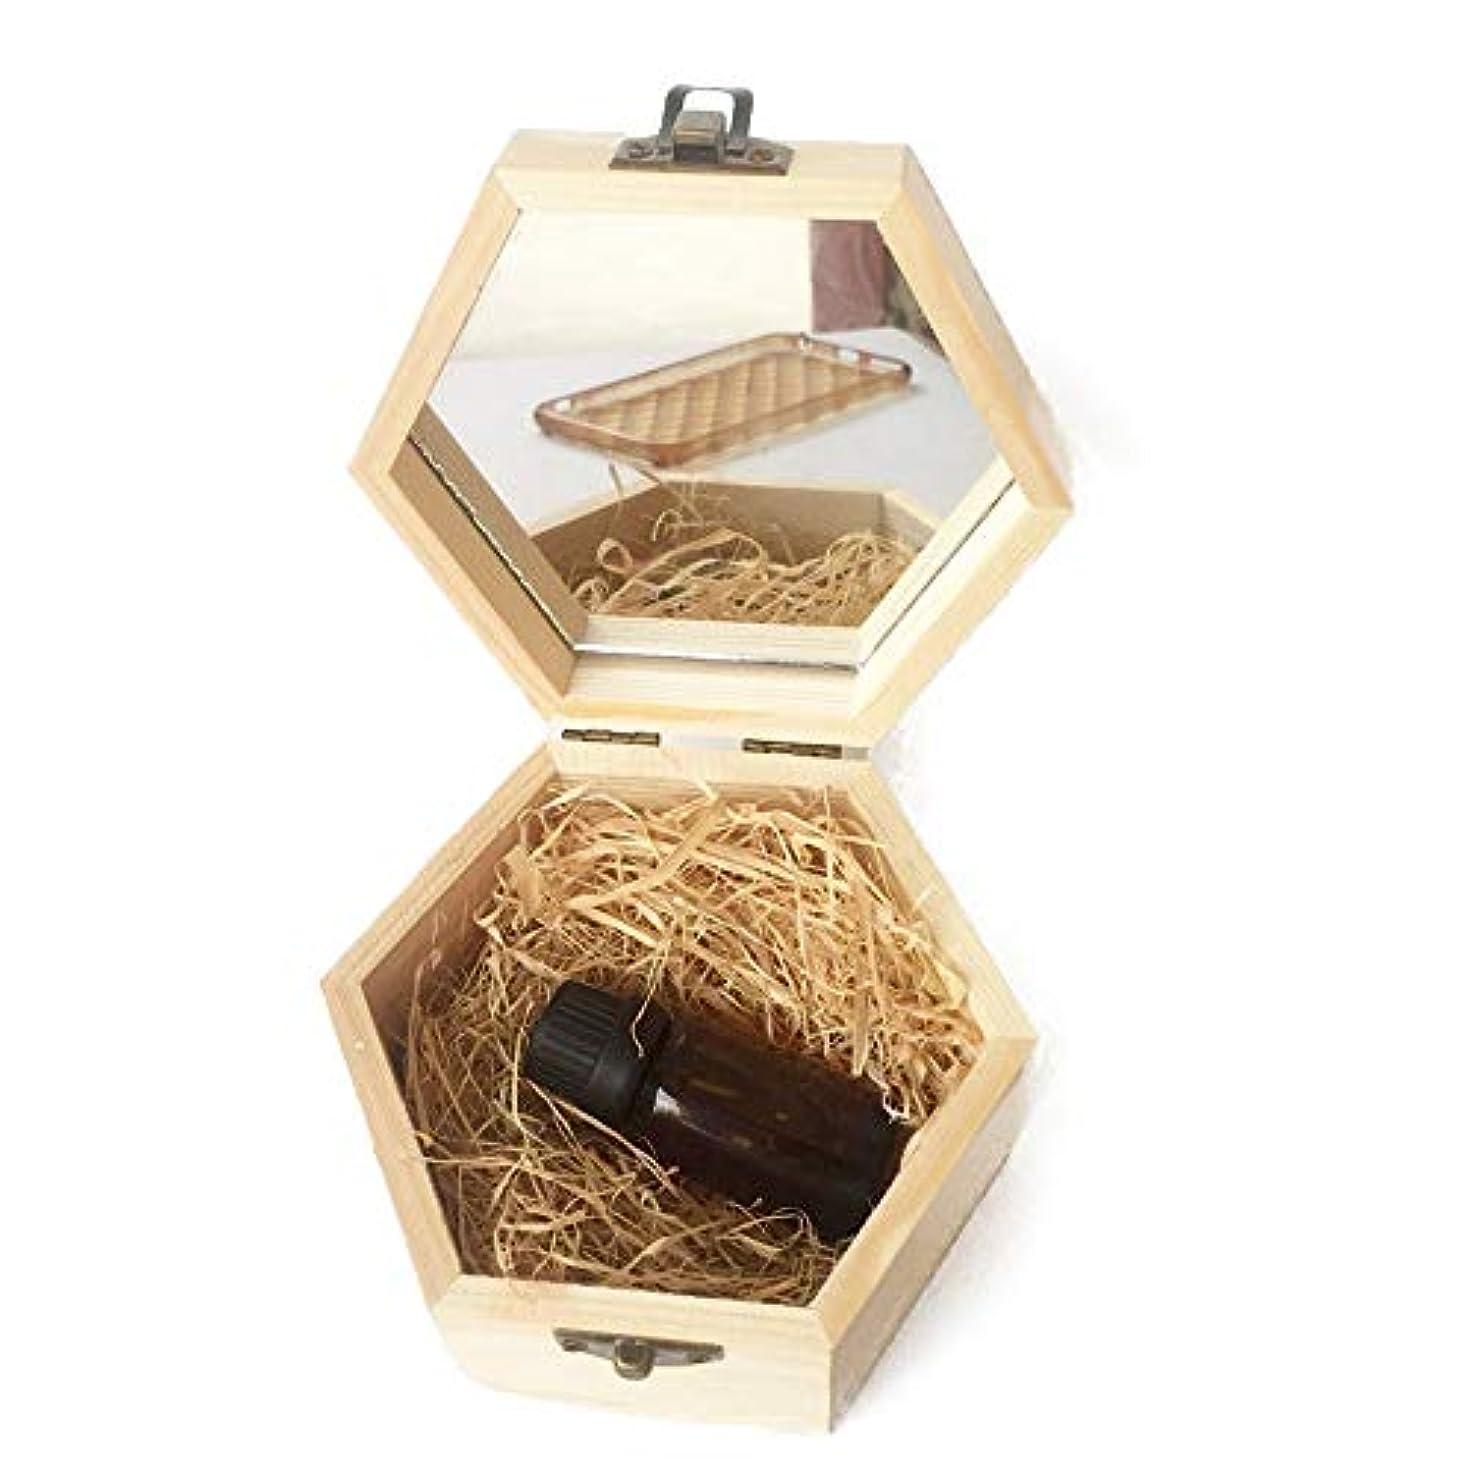 小さい調停する裕福な精油ケース アロマセラピーのためにエッセンシャルオイル木箱の品質の収納ケース 携帯便利 (色 : Natural, サイズ : 13X11.3X6.8CM)